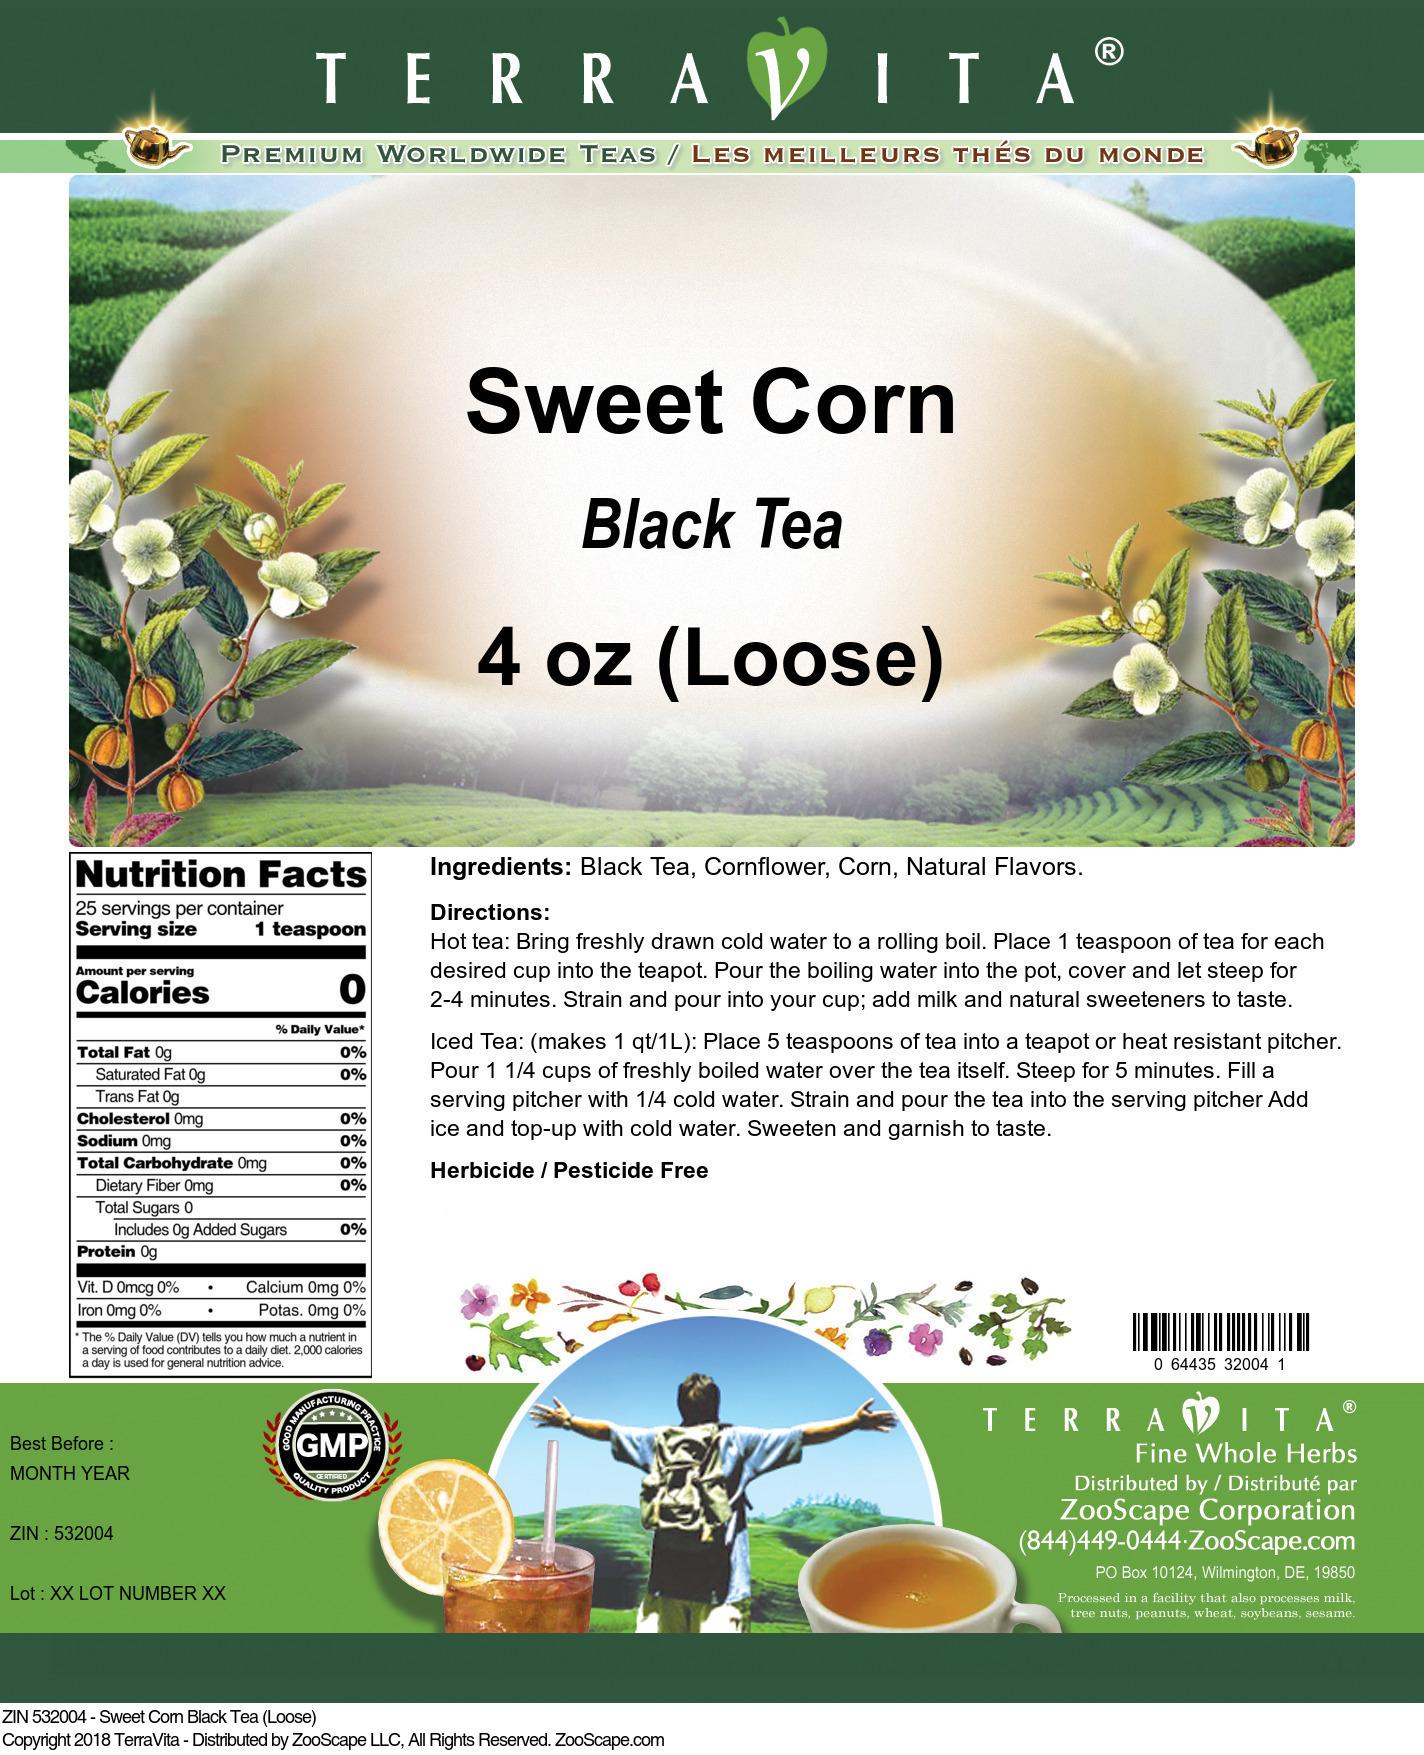 Sweet Corn Black Tea (Loose)